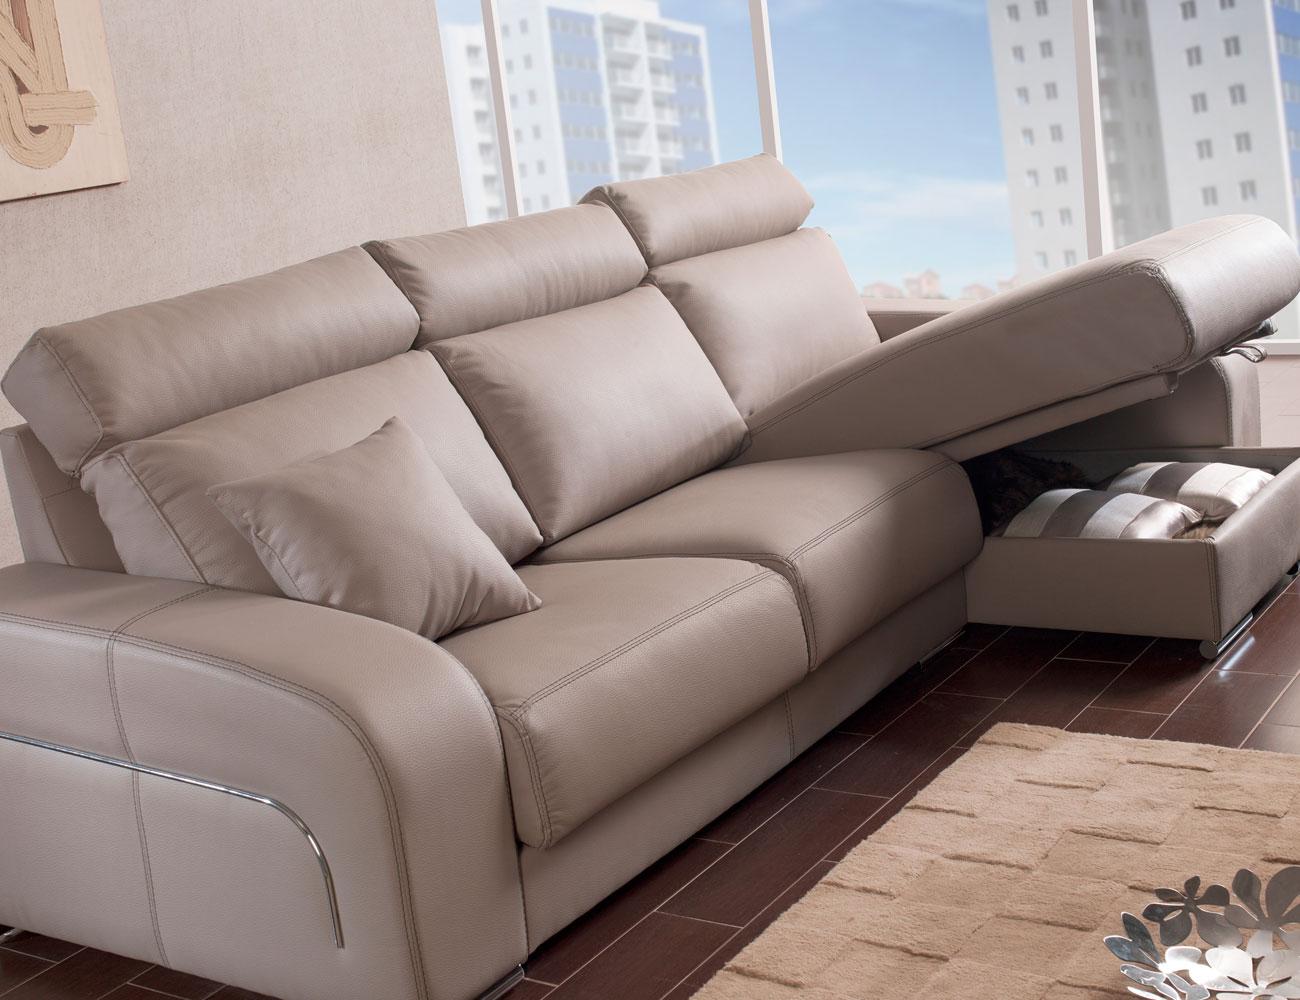 Sofa chaiselongue moderno pared cero arcon81